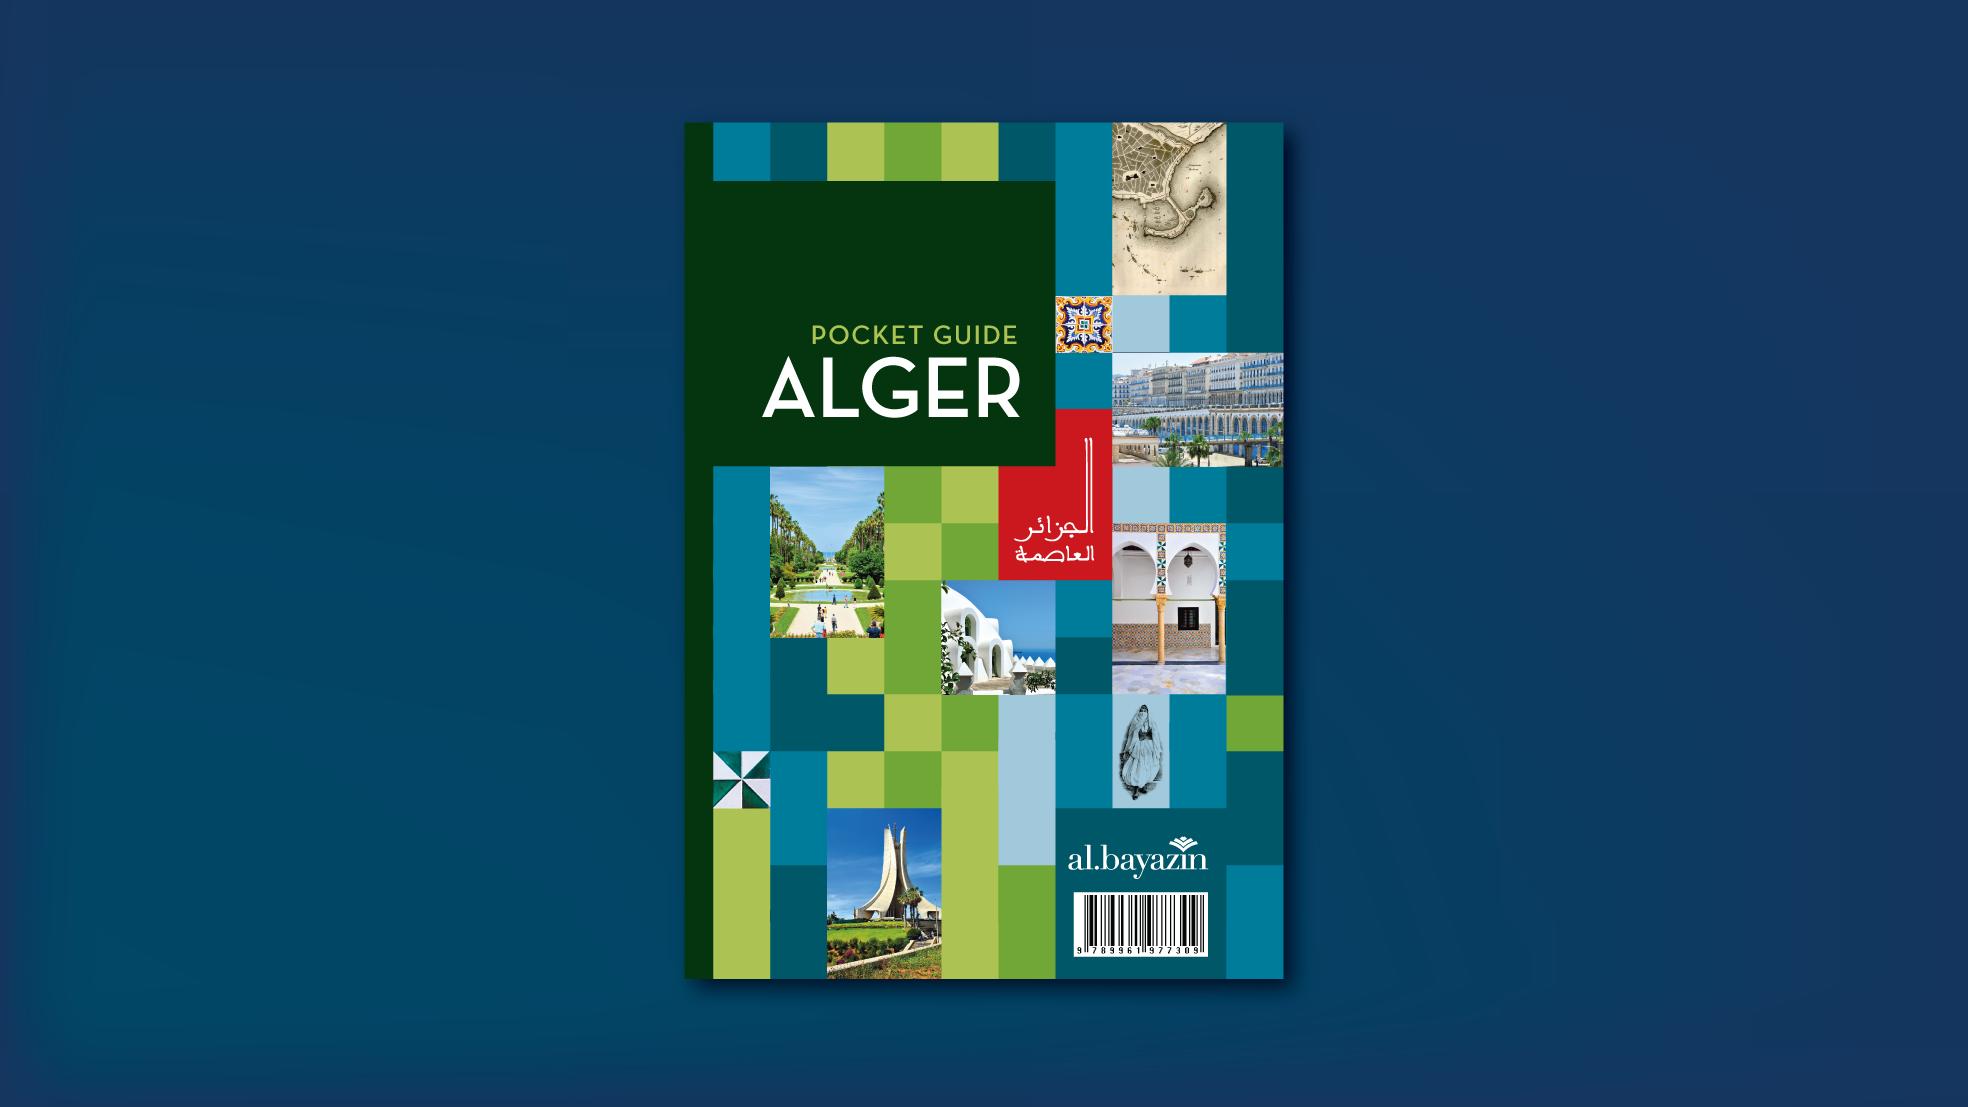 Pocket Guide – Alger